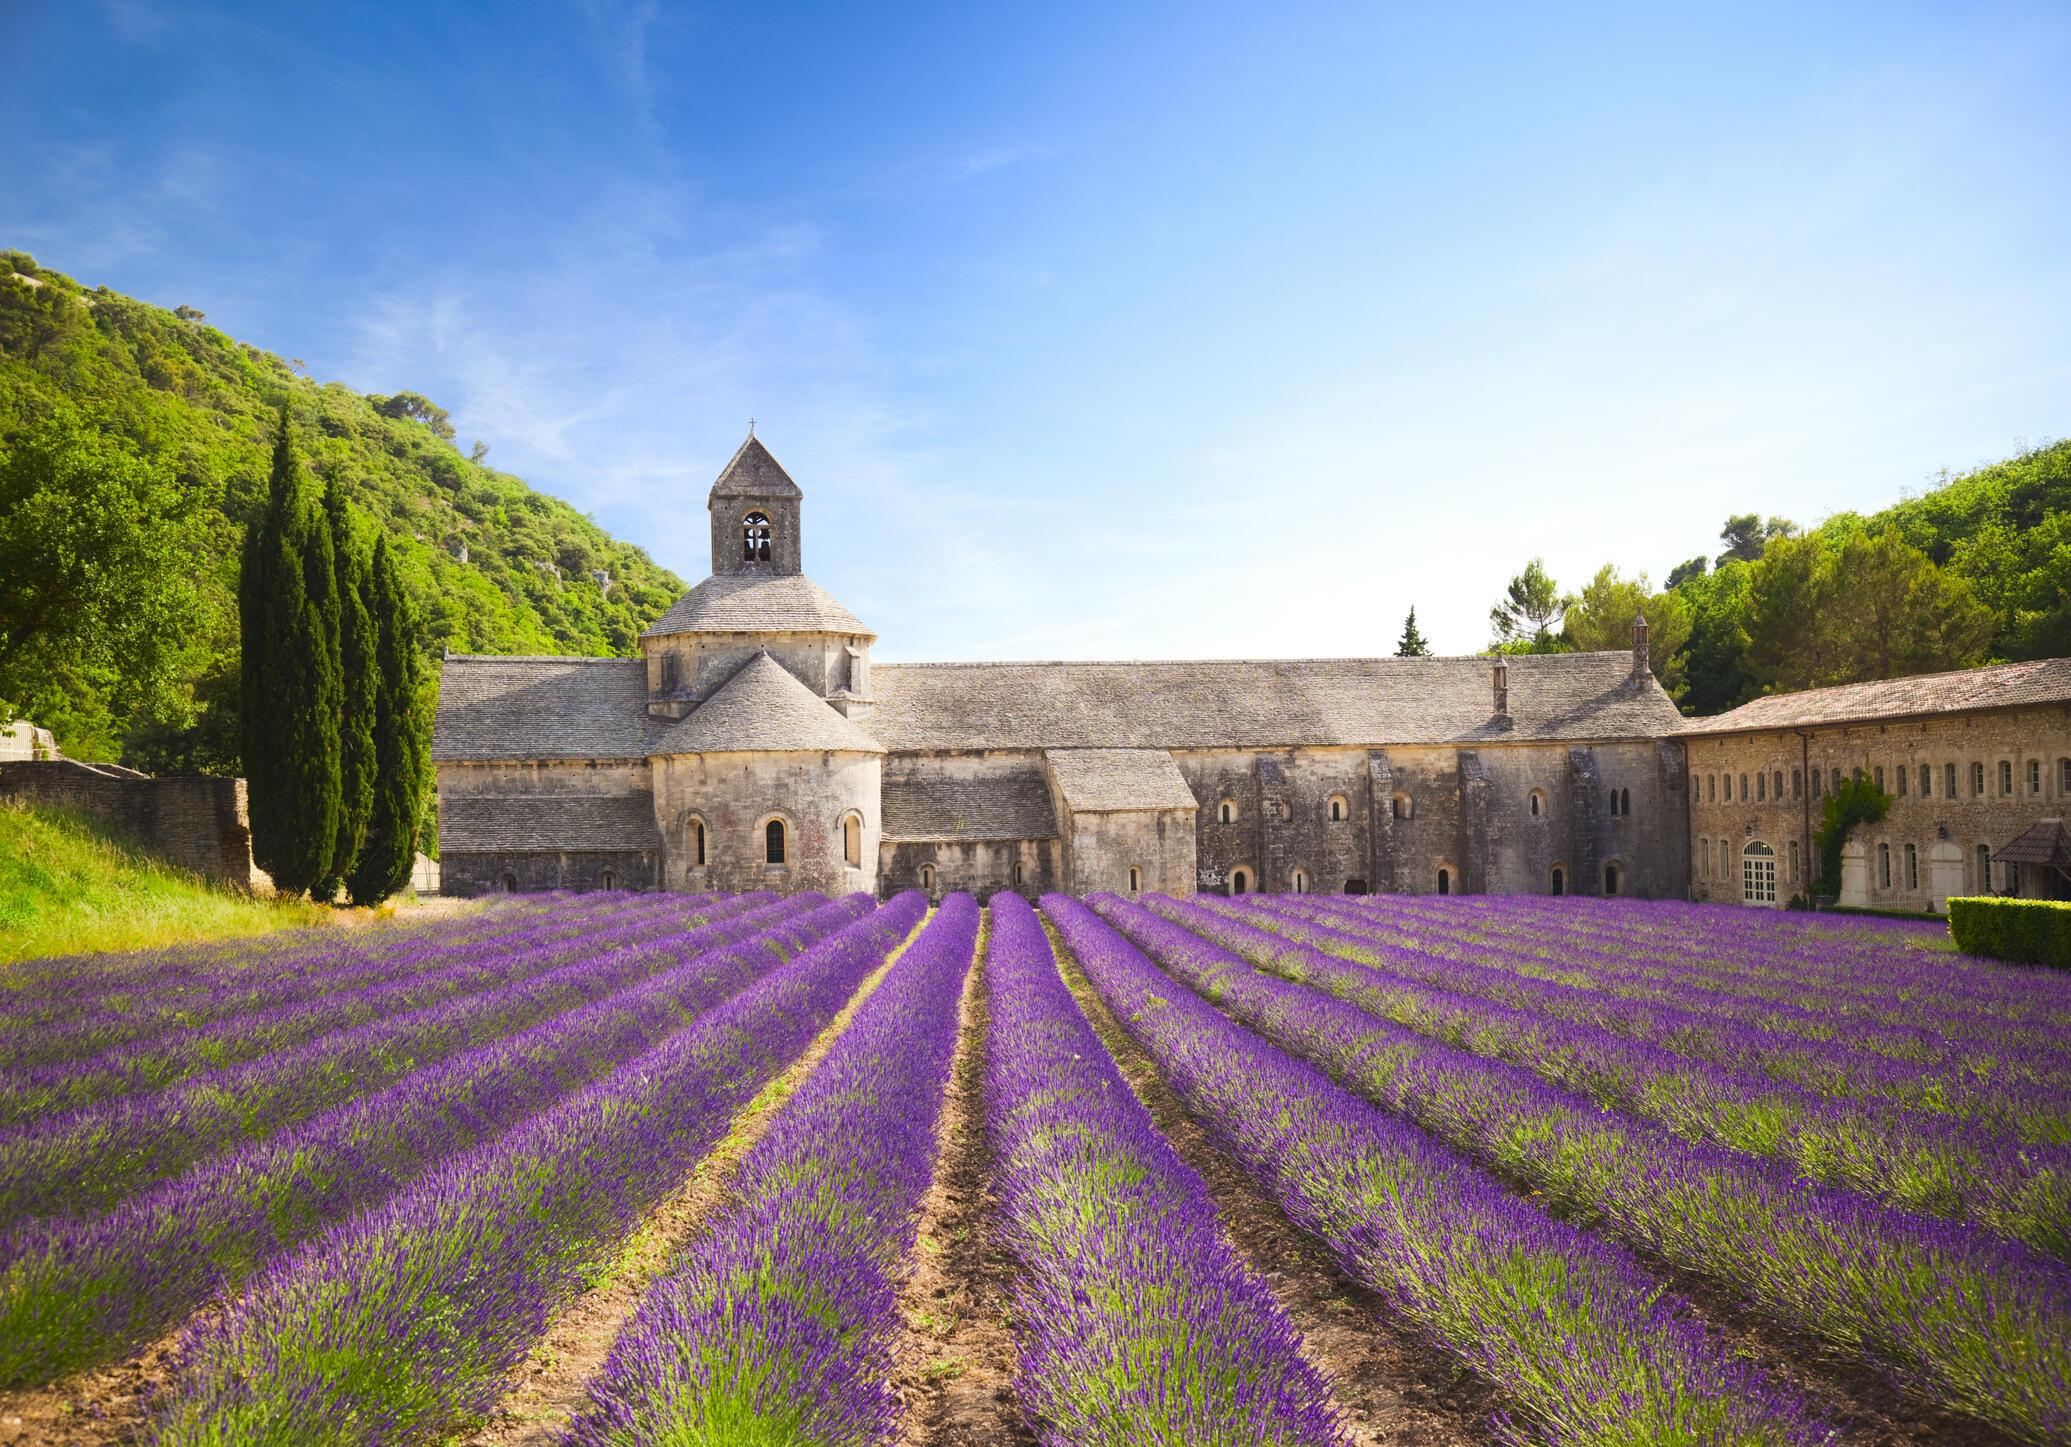 入选2019梯次文古修复工程刮刮乐的修道院L'abbaye de Senanque  1148年打造